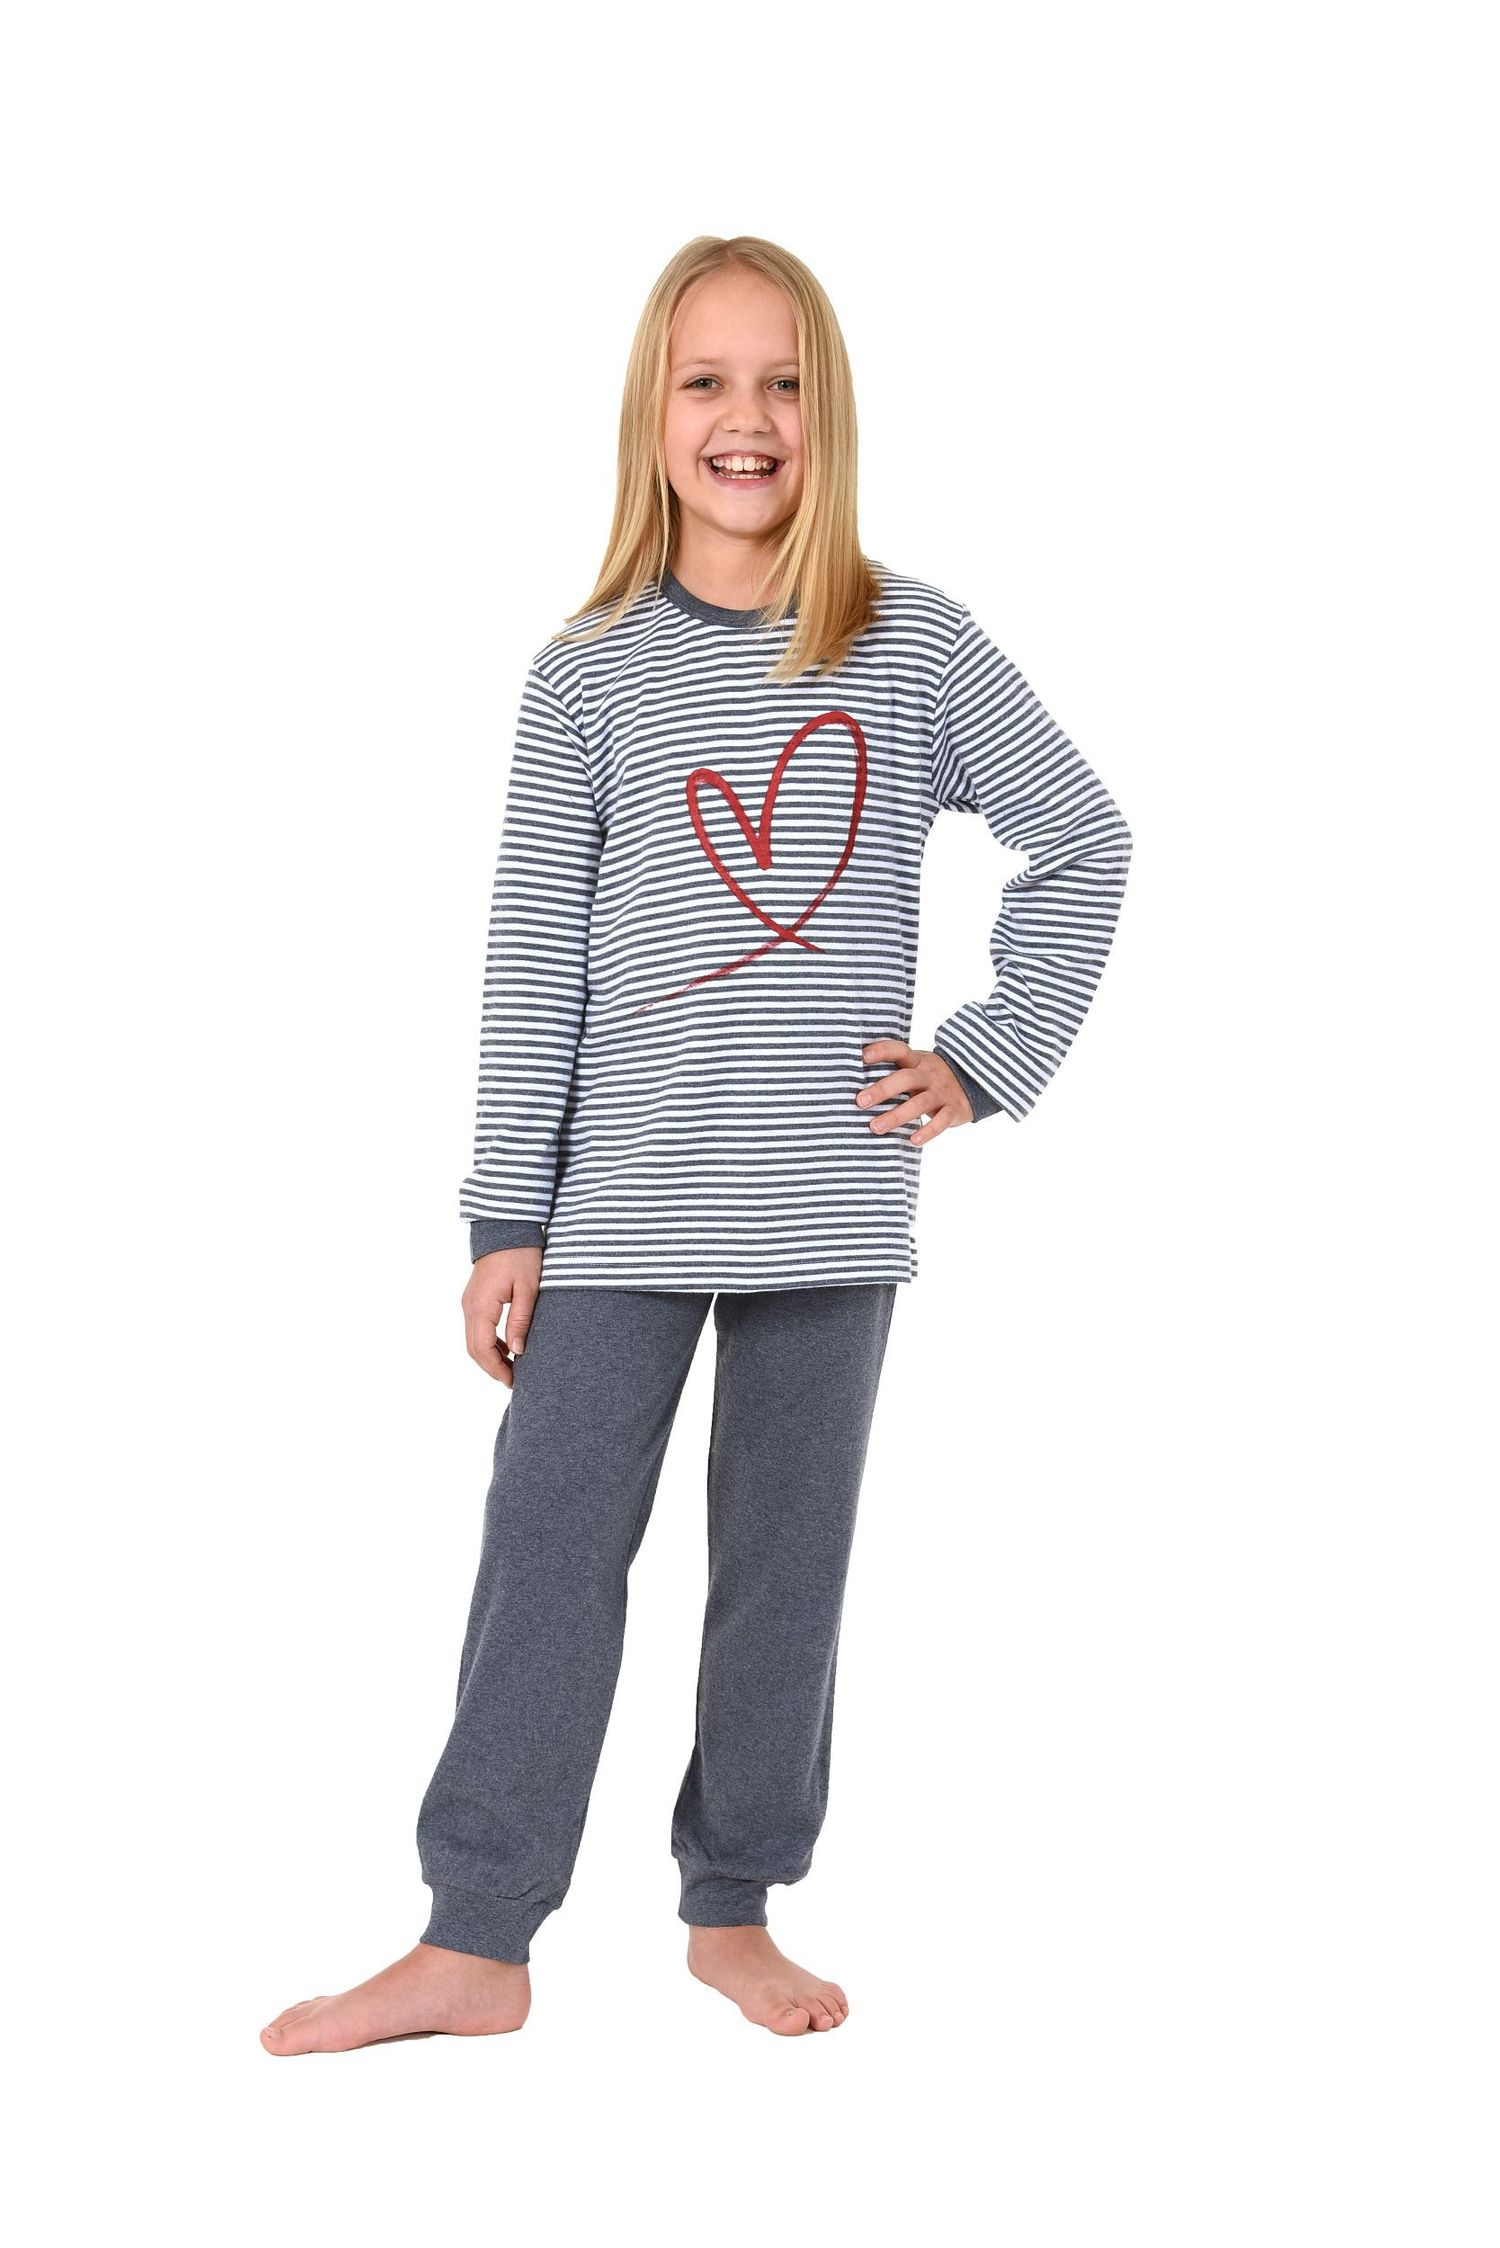 Kinder Mädchen Pyjama langarm mit Bündchen – kuschelig warm und mit Herz Motiv  – Bild 1